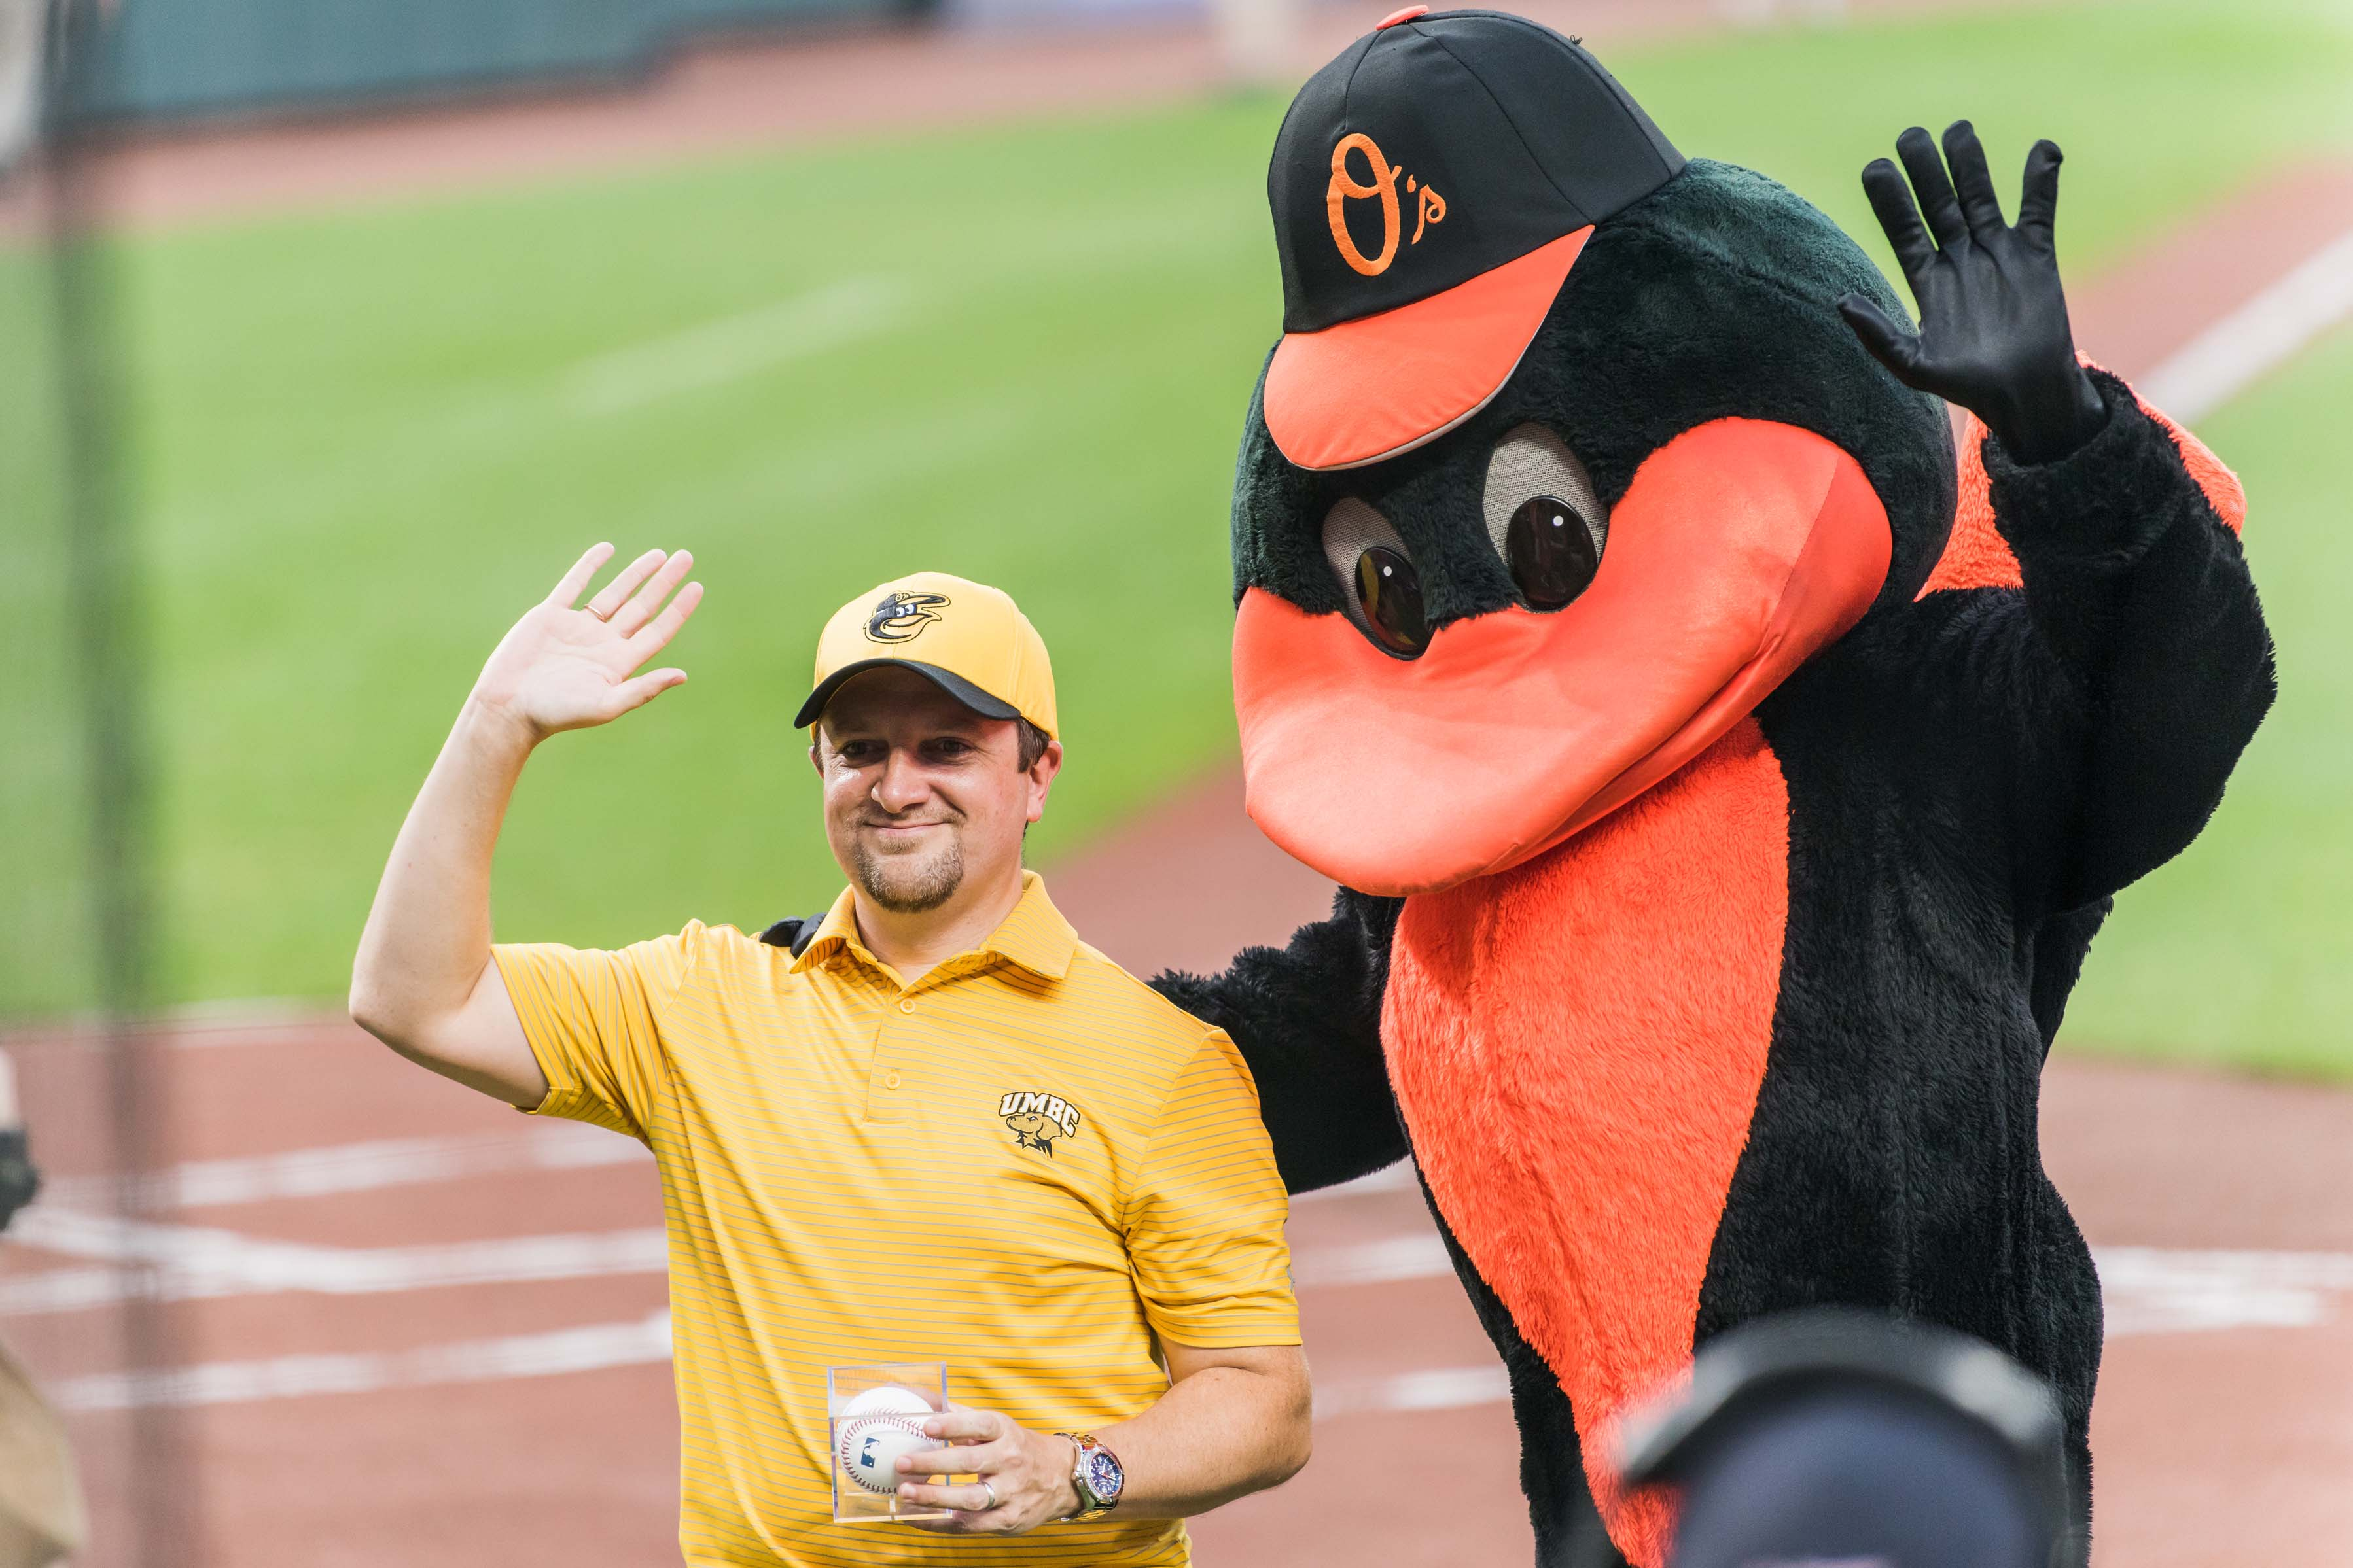 Orioles mascot posing with fan